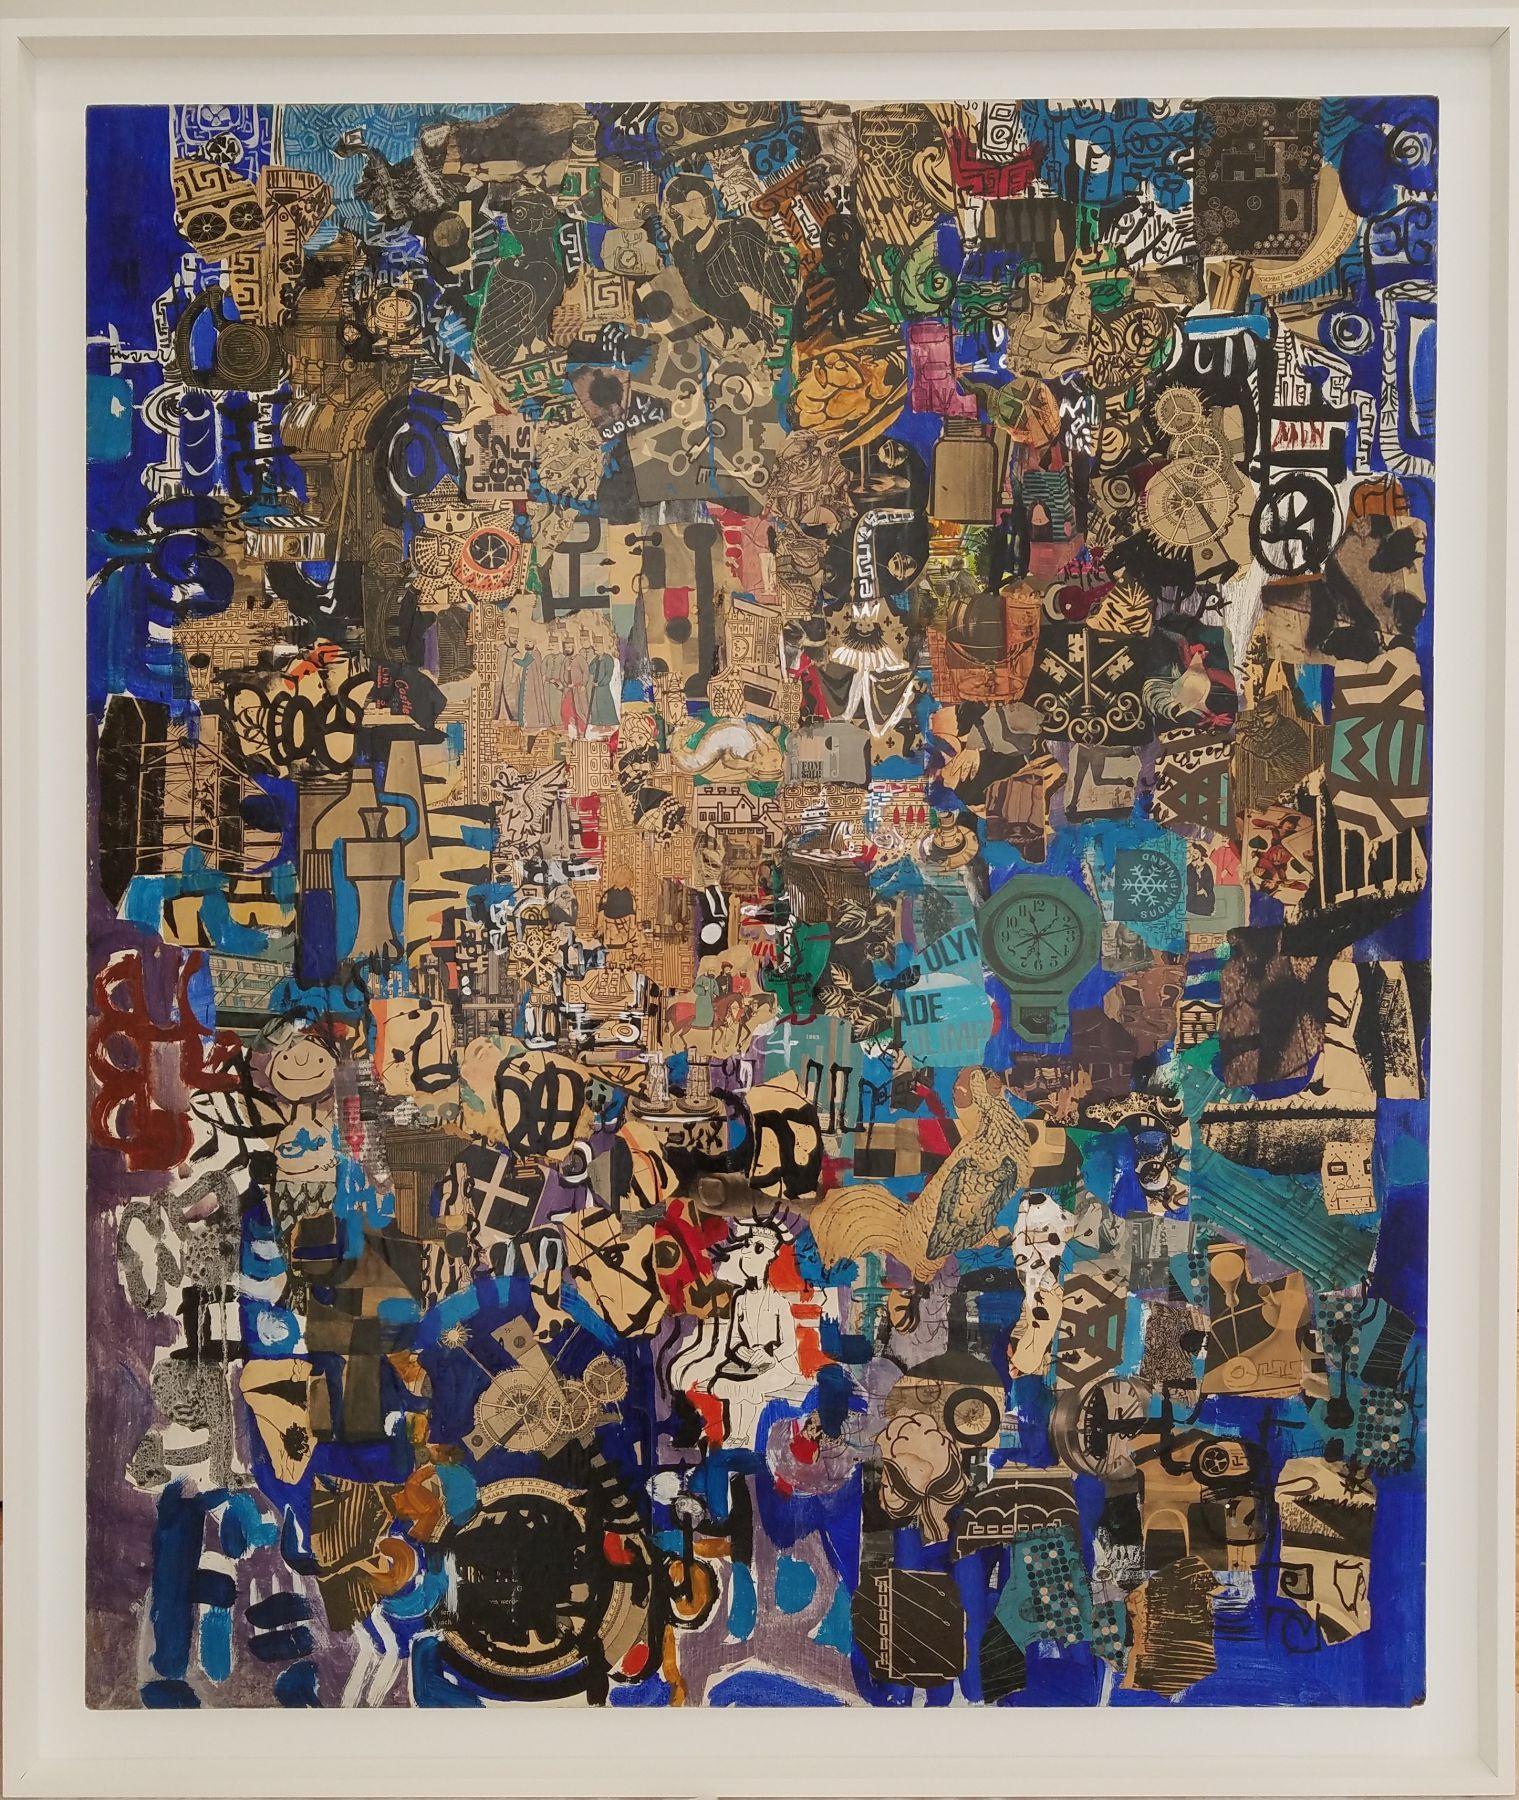 Mercedes Pardo,El Jardín de las Delicias, 1965,Collage and paint on wood,43 1/4 x 37 3/8 in. (110 x 95 cm.)